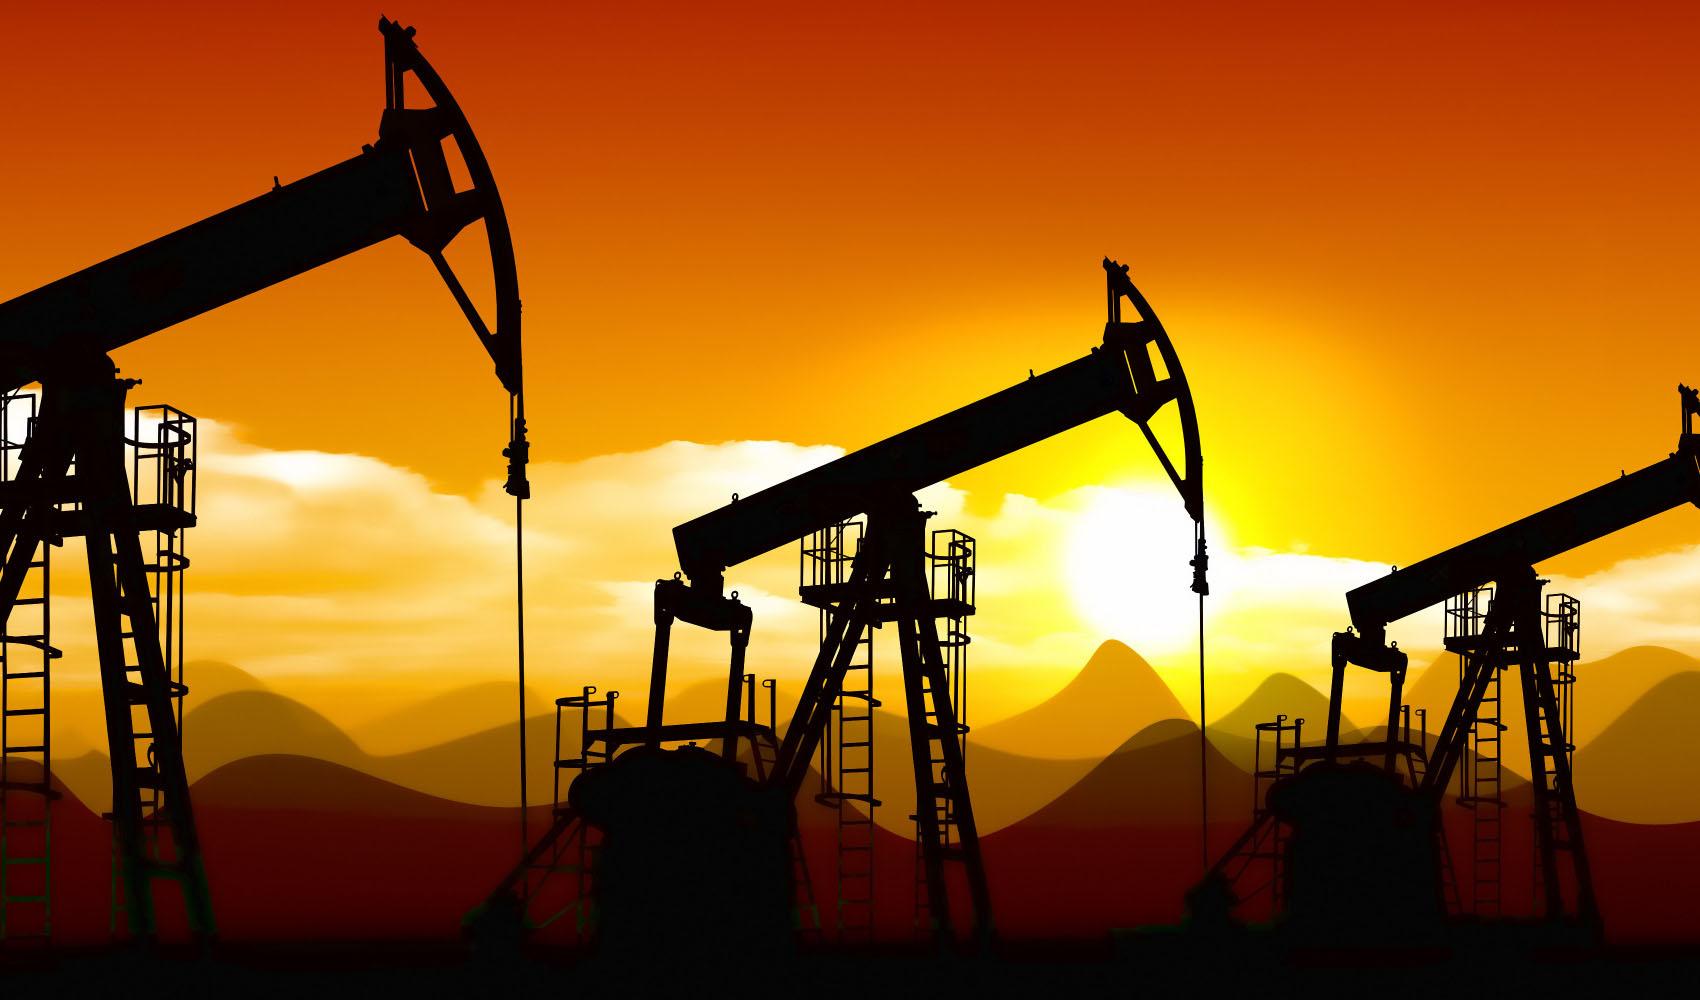 آیا مداخله آمریکا در جنگ قیمت نفت جواب میدهد؟